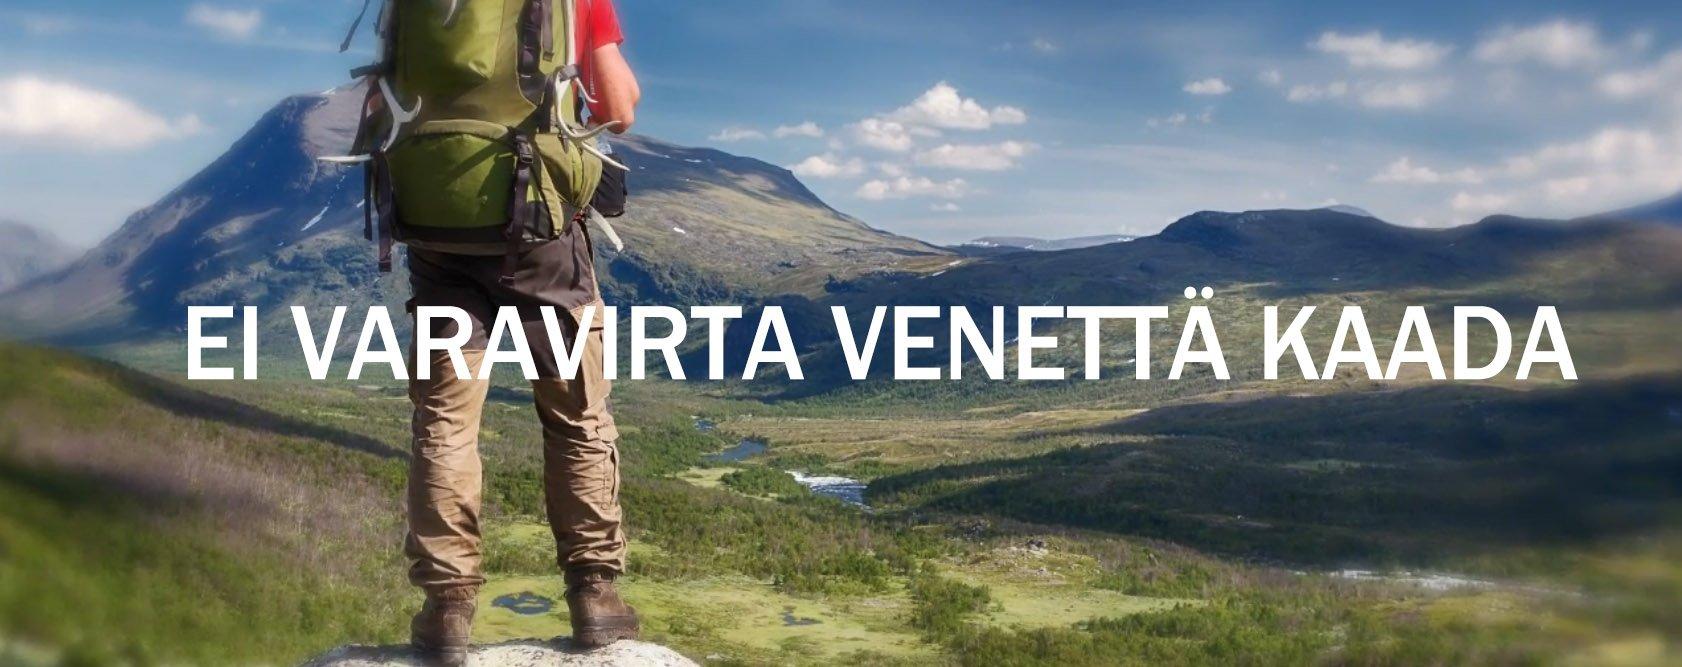 Varavirta | Mobiilit aurinkopaneelit | Powerbankit | Kamavaja.fi verkkokauppa